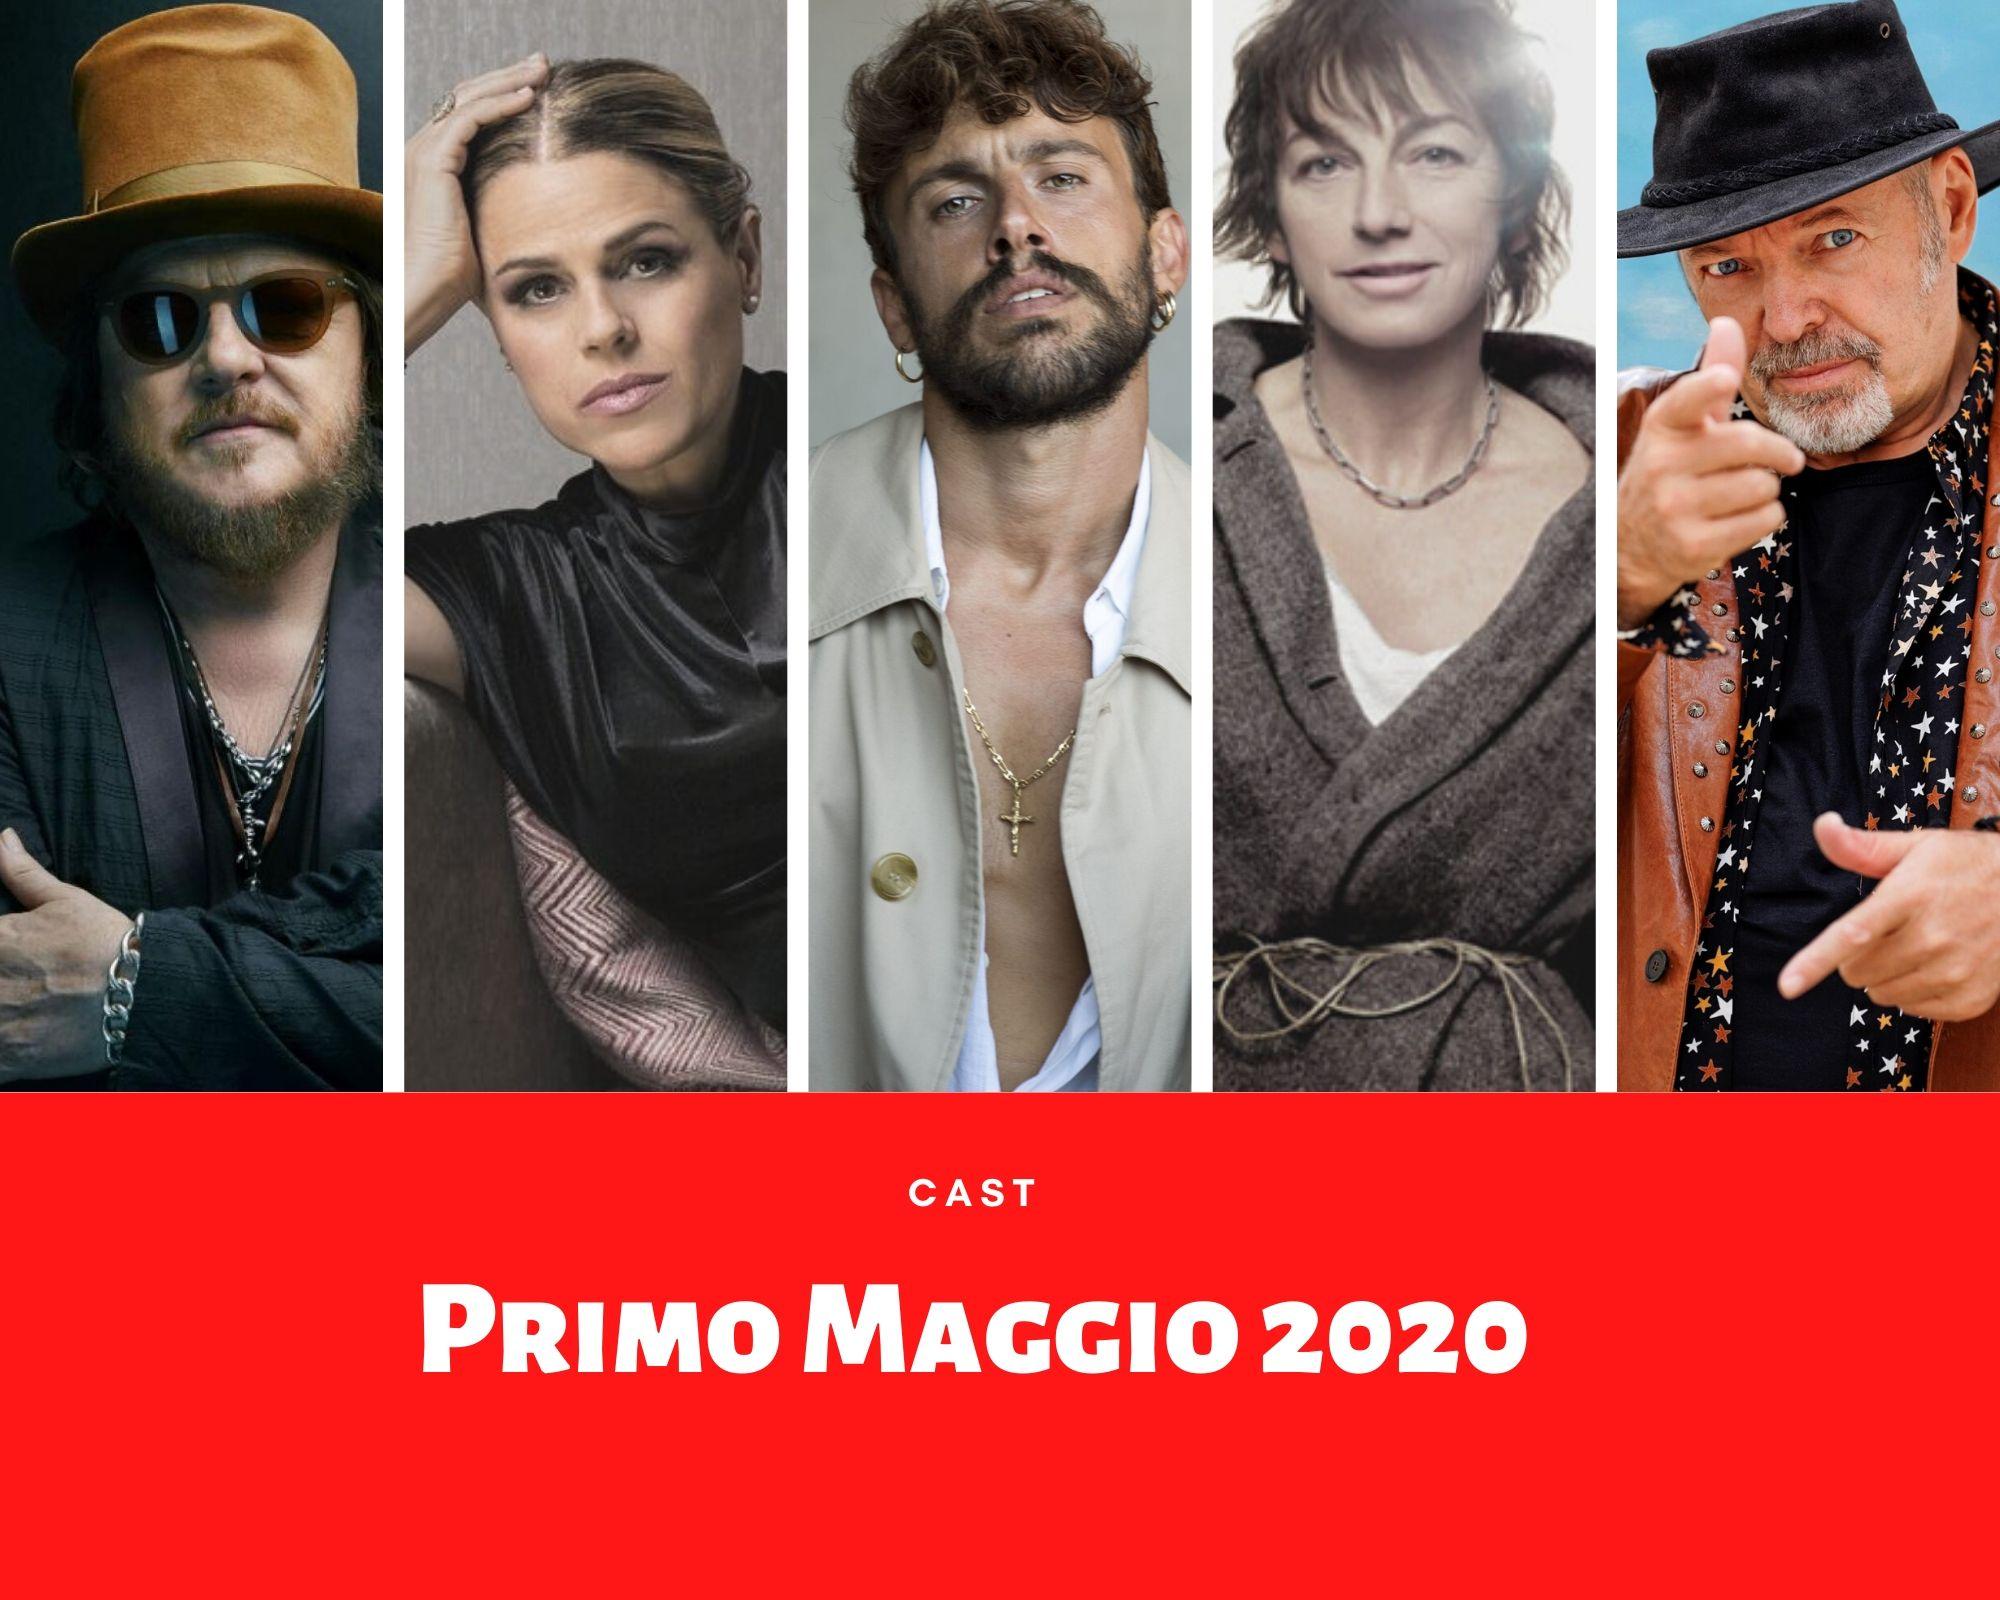 Primo Maggio 2020, un'edizione straordinaria con Aiello. Ecco tutti i nomi!